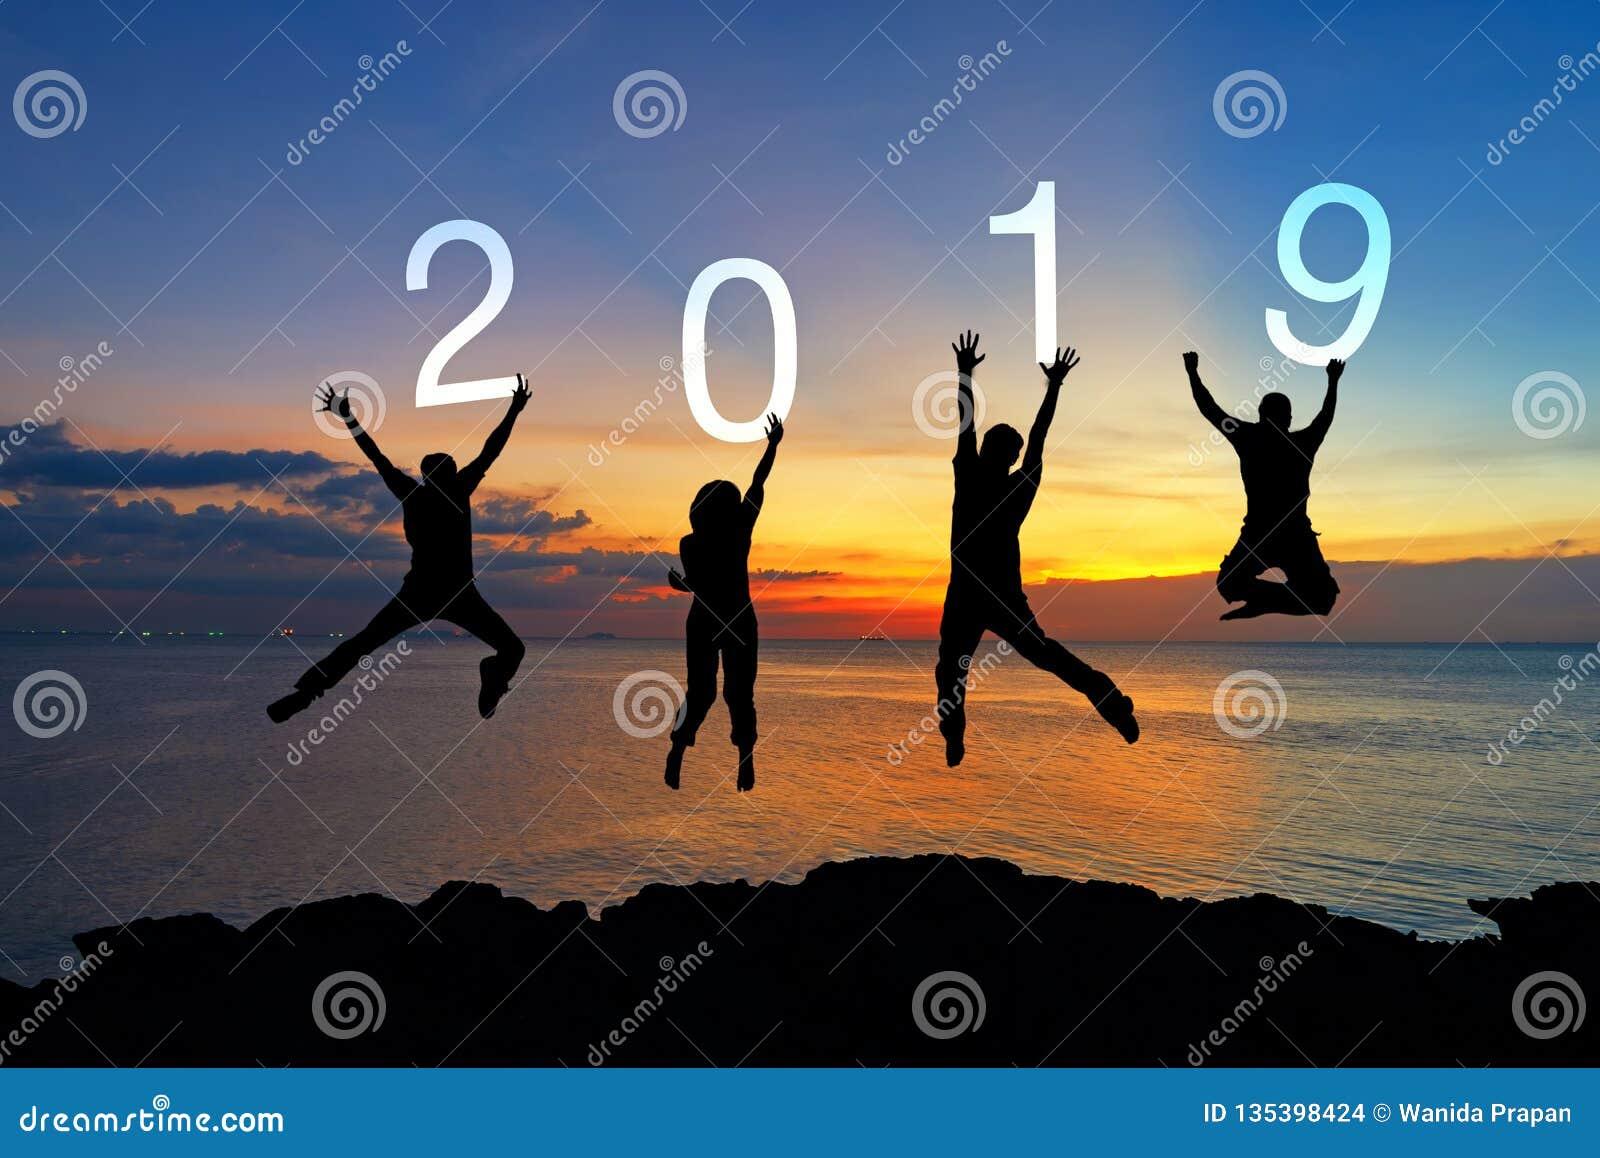 Graduación de salto de la enhorabuena del trabajo en equipo feliz del negocio de la silueta en la Feliz Año Nuevo 2019 La gente d